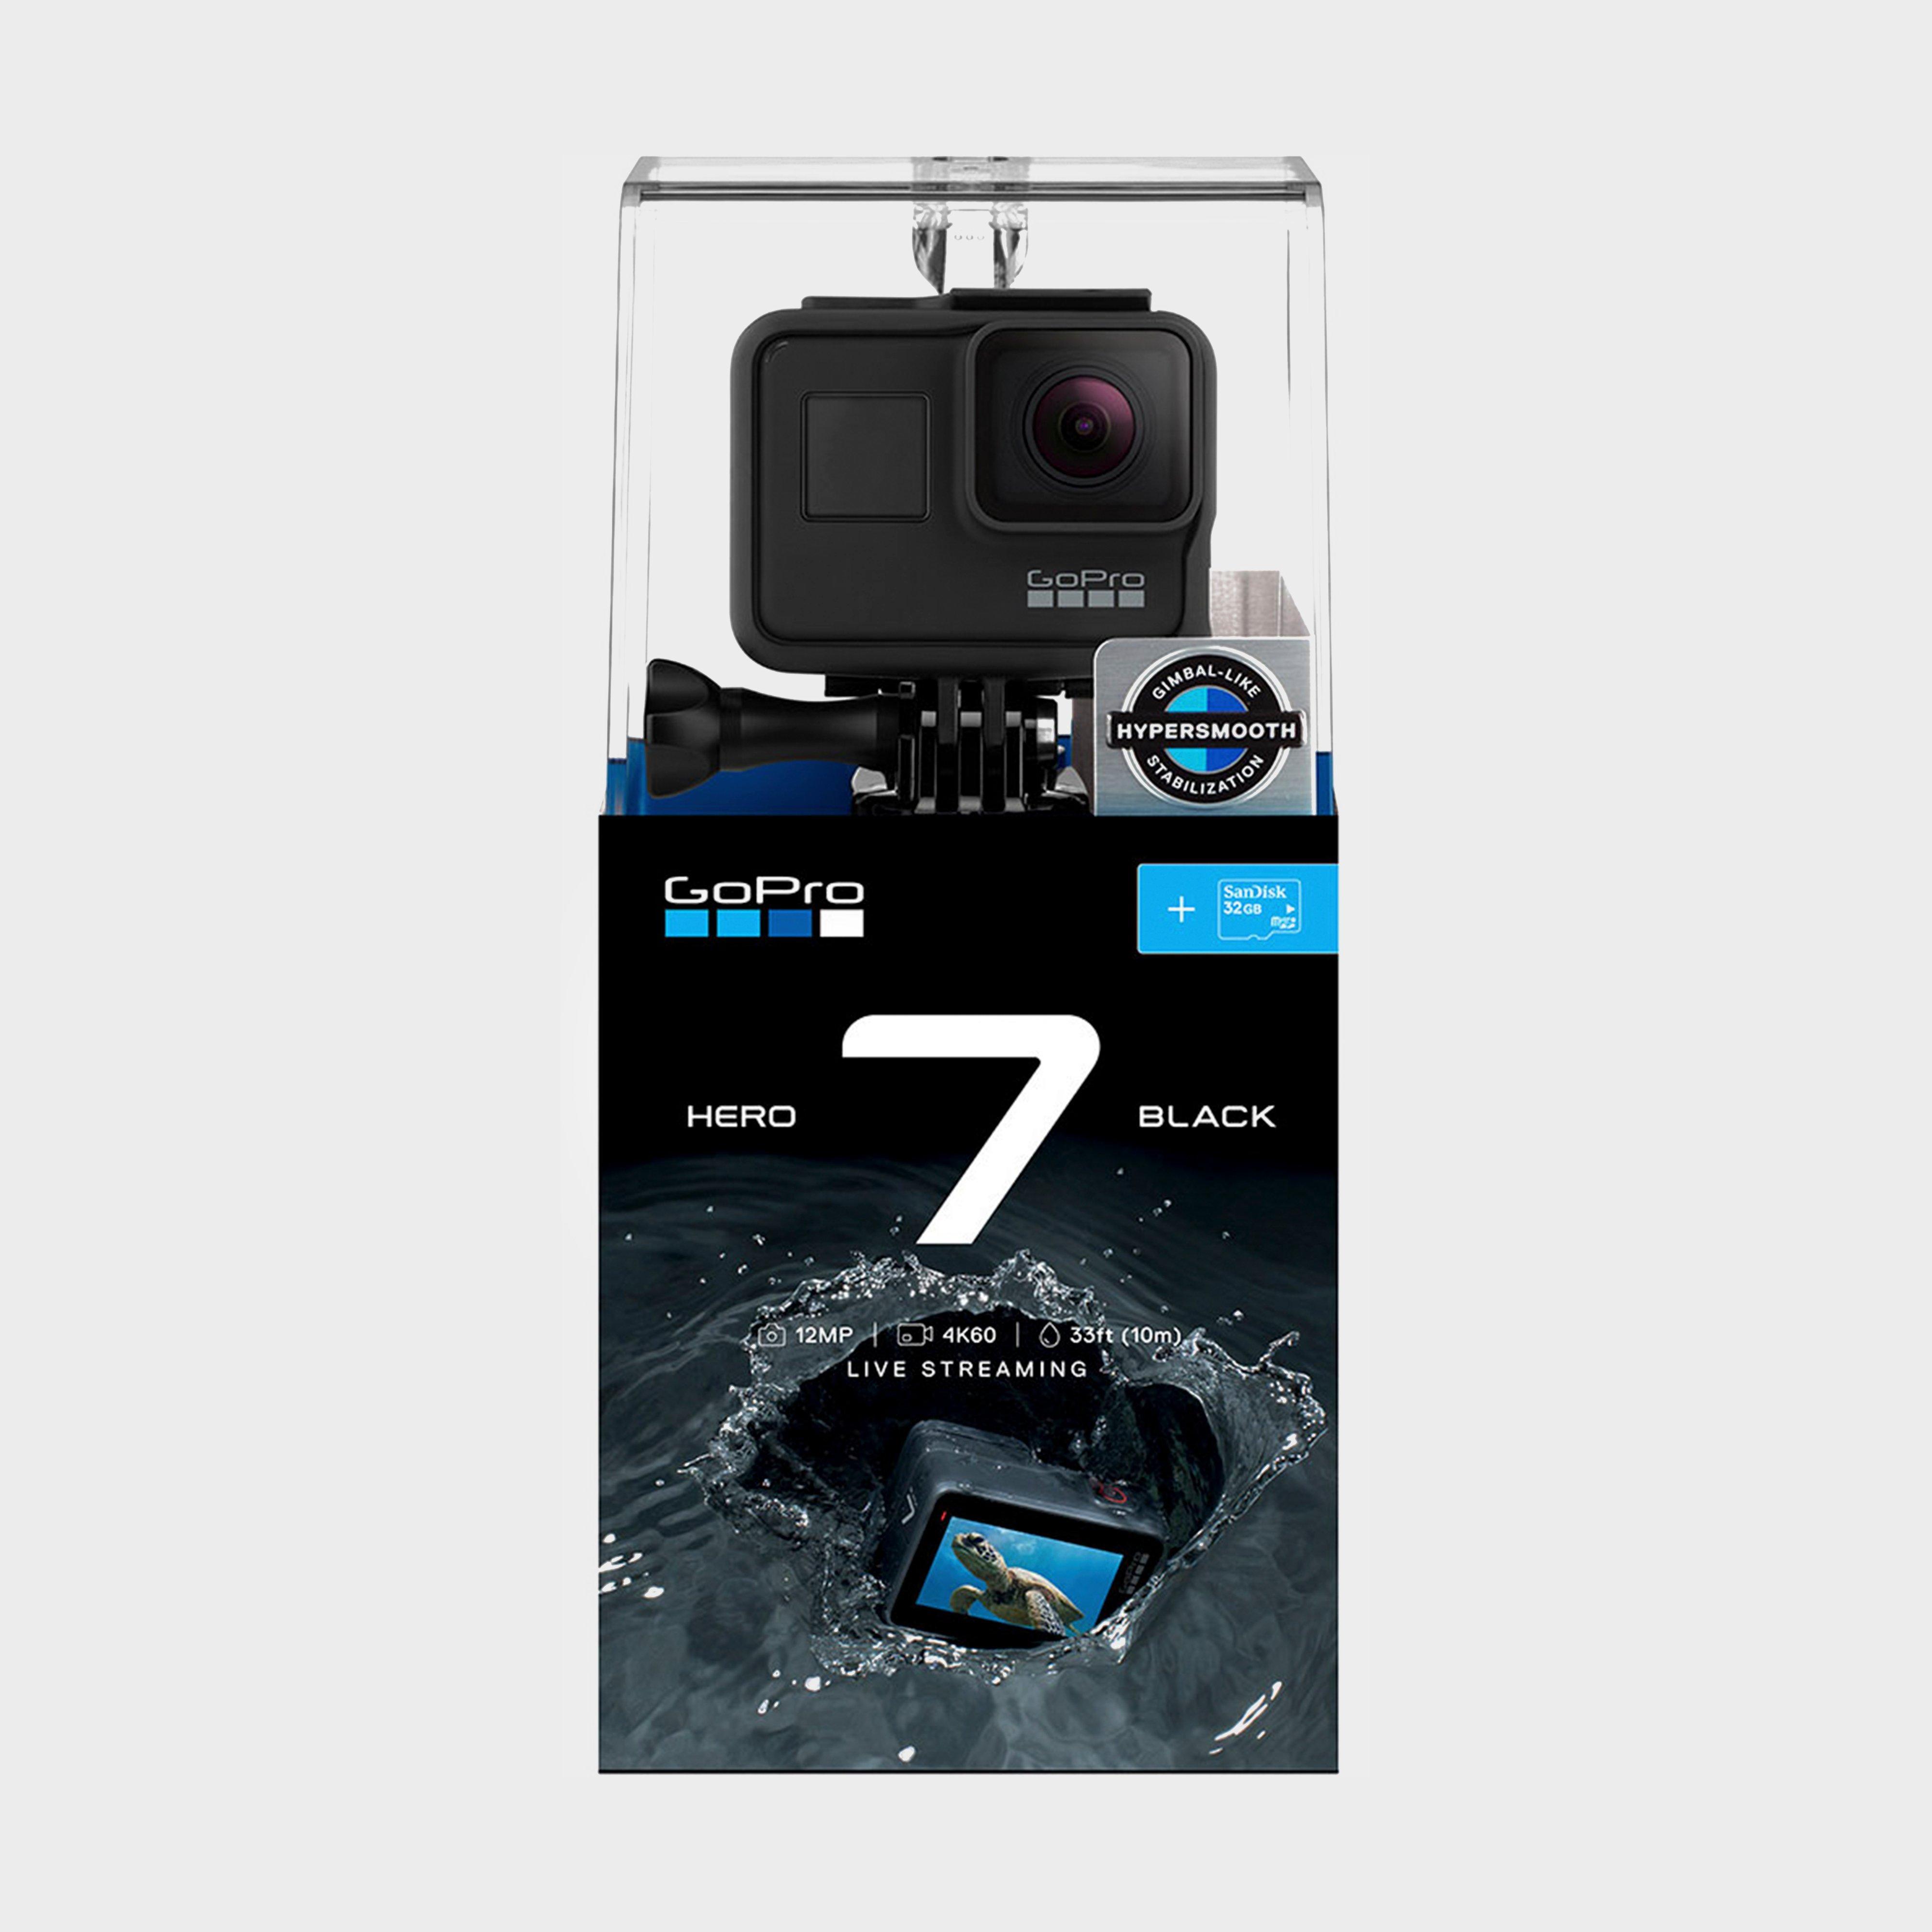 Gopro Gopro Hero7 Black SD Bundle, Black